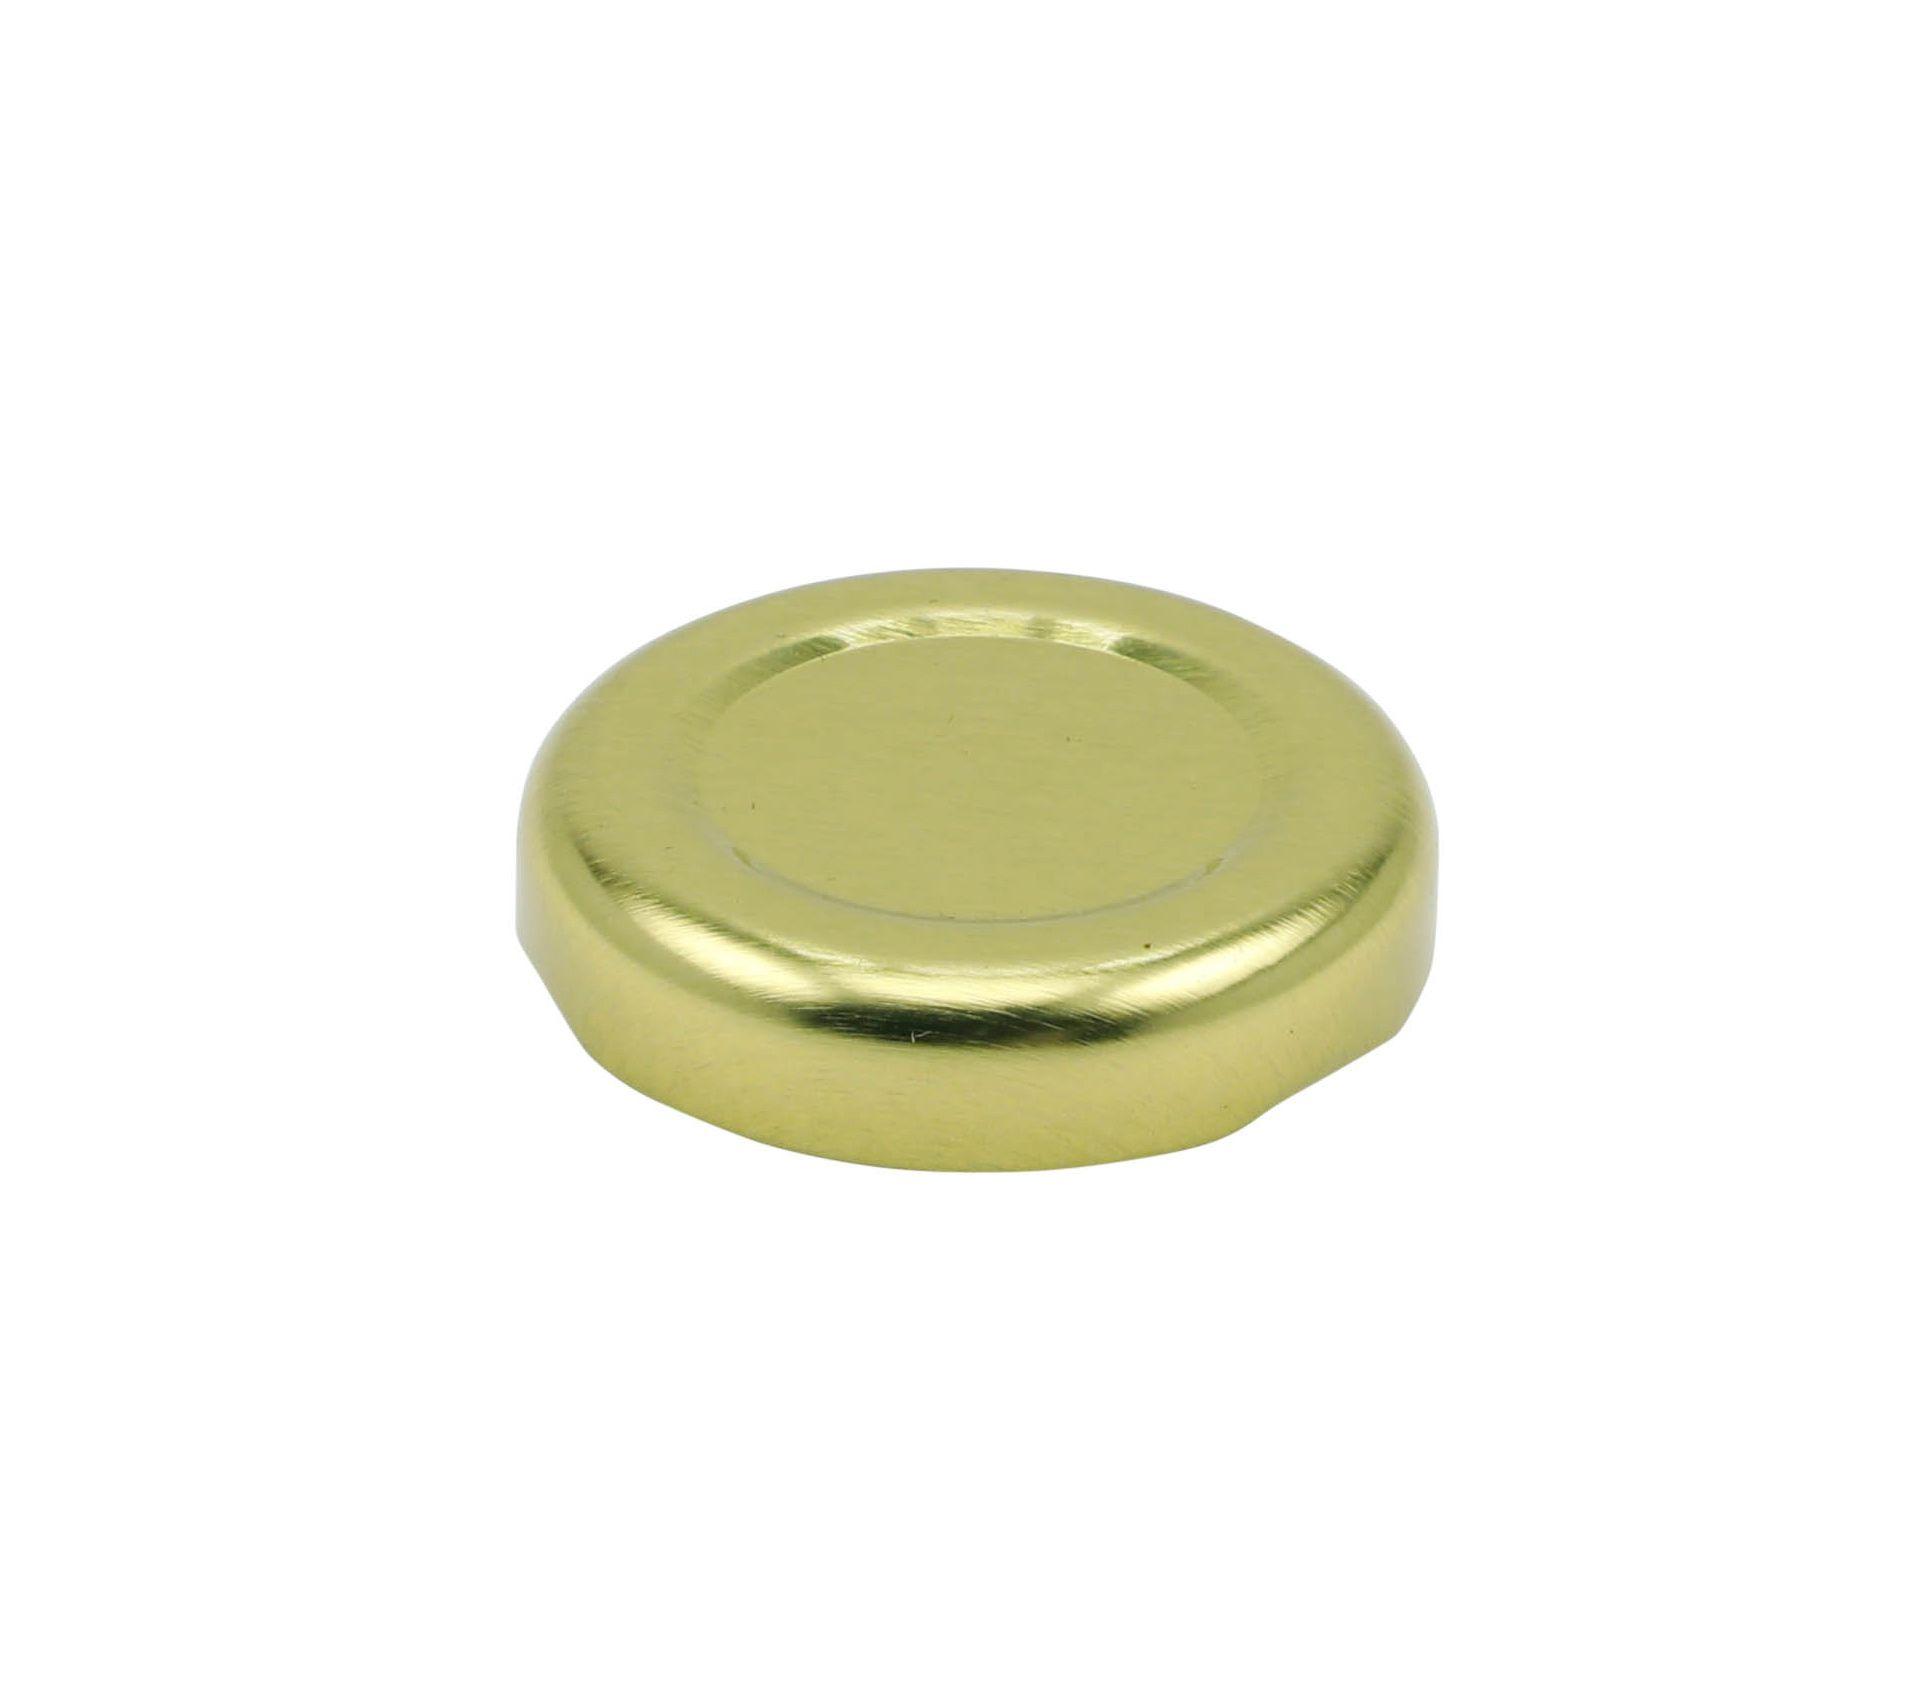 Garrafa de Leite 1000ml - Caixa C/ 16 Unidades